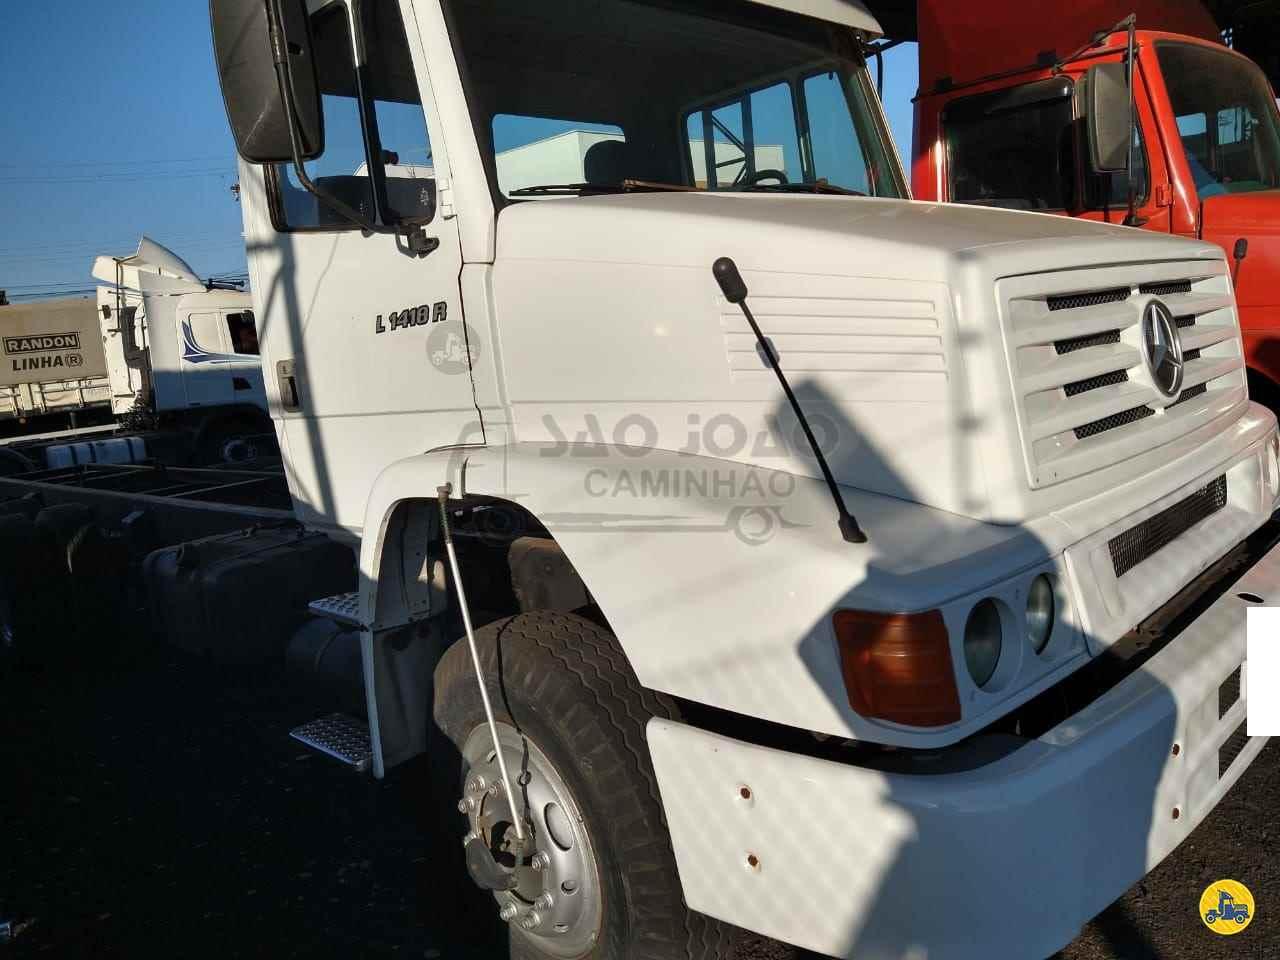 CAMINHAO MERCEDES-BENZ MB 1418 Chassis Truck 6x2 São João Caminhão SAO JOAO DA BOA VISTA SÃO PAULO SP